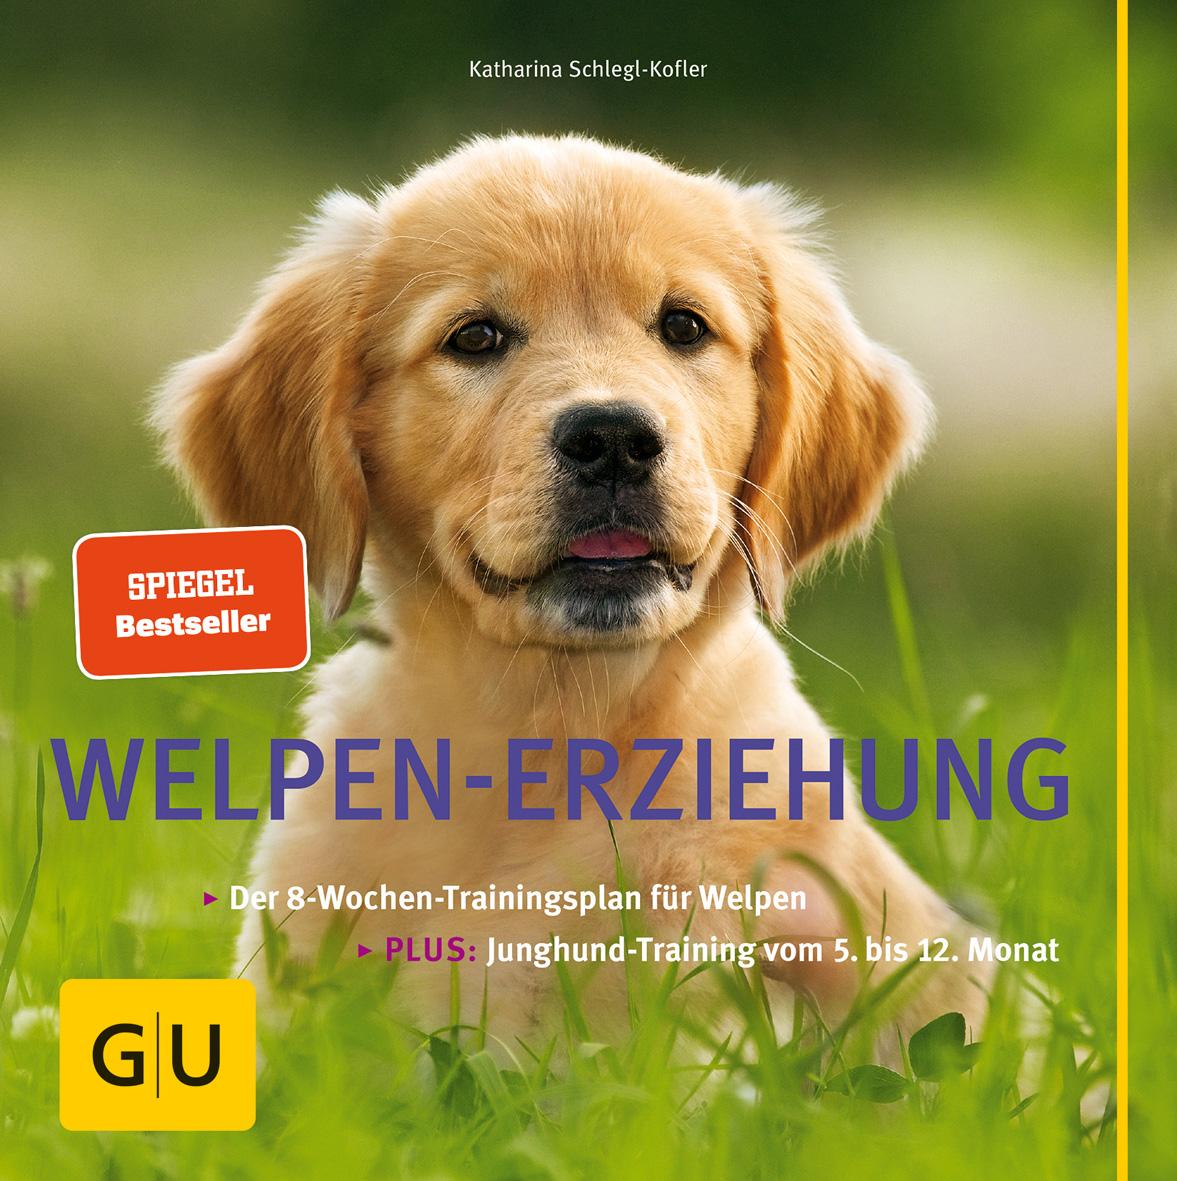 GU - Welpen-Erziehung [Katharina Schlegl-Kofler]